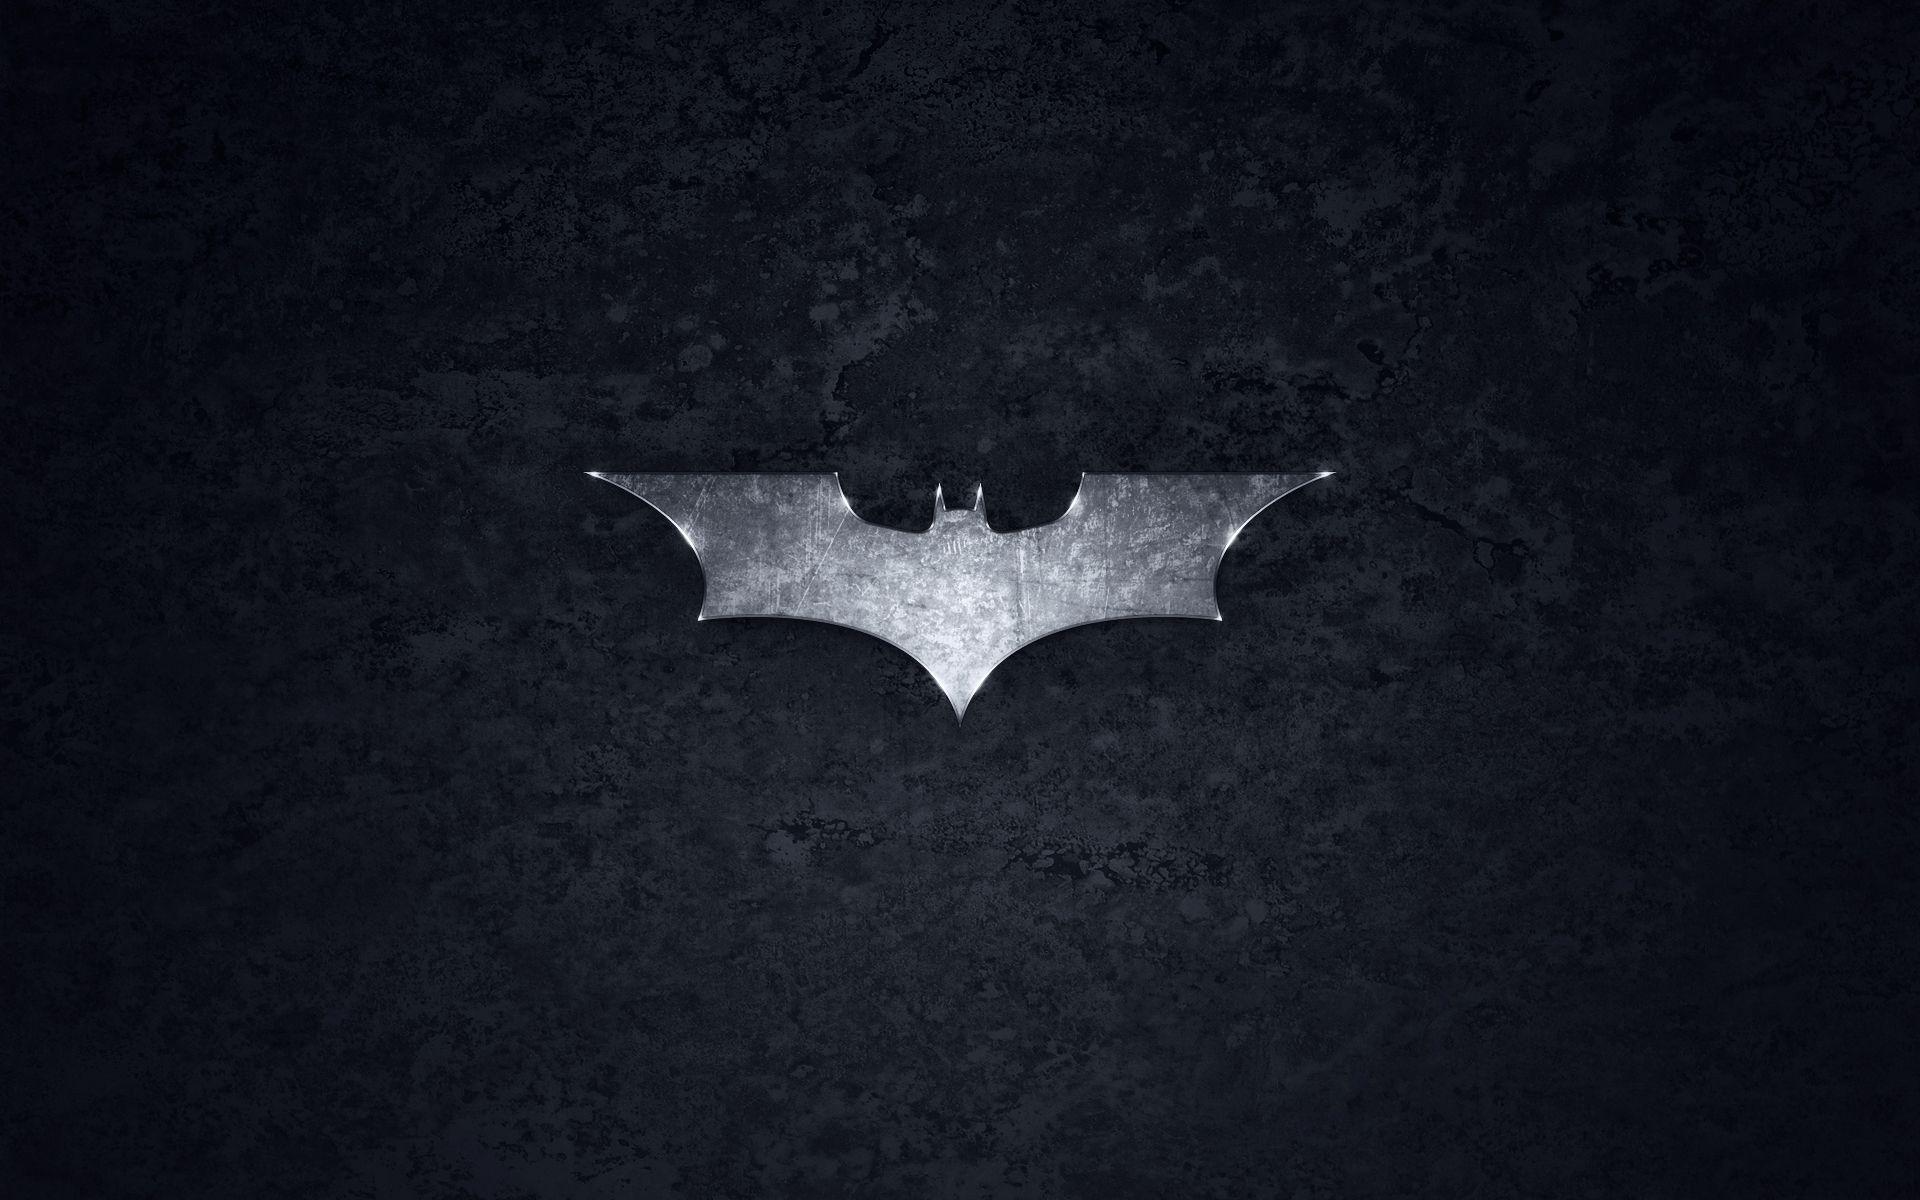 знак, бэтмен, сталь